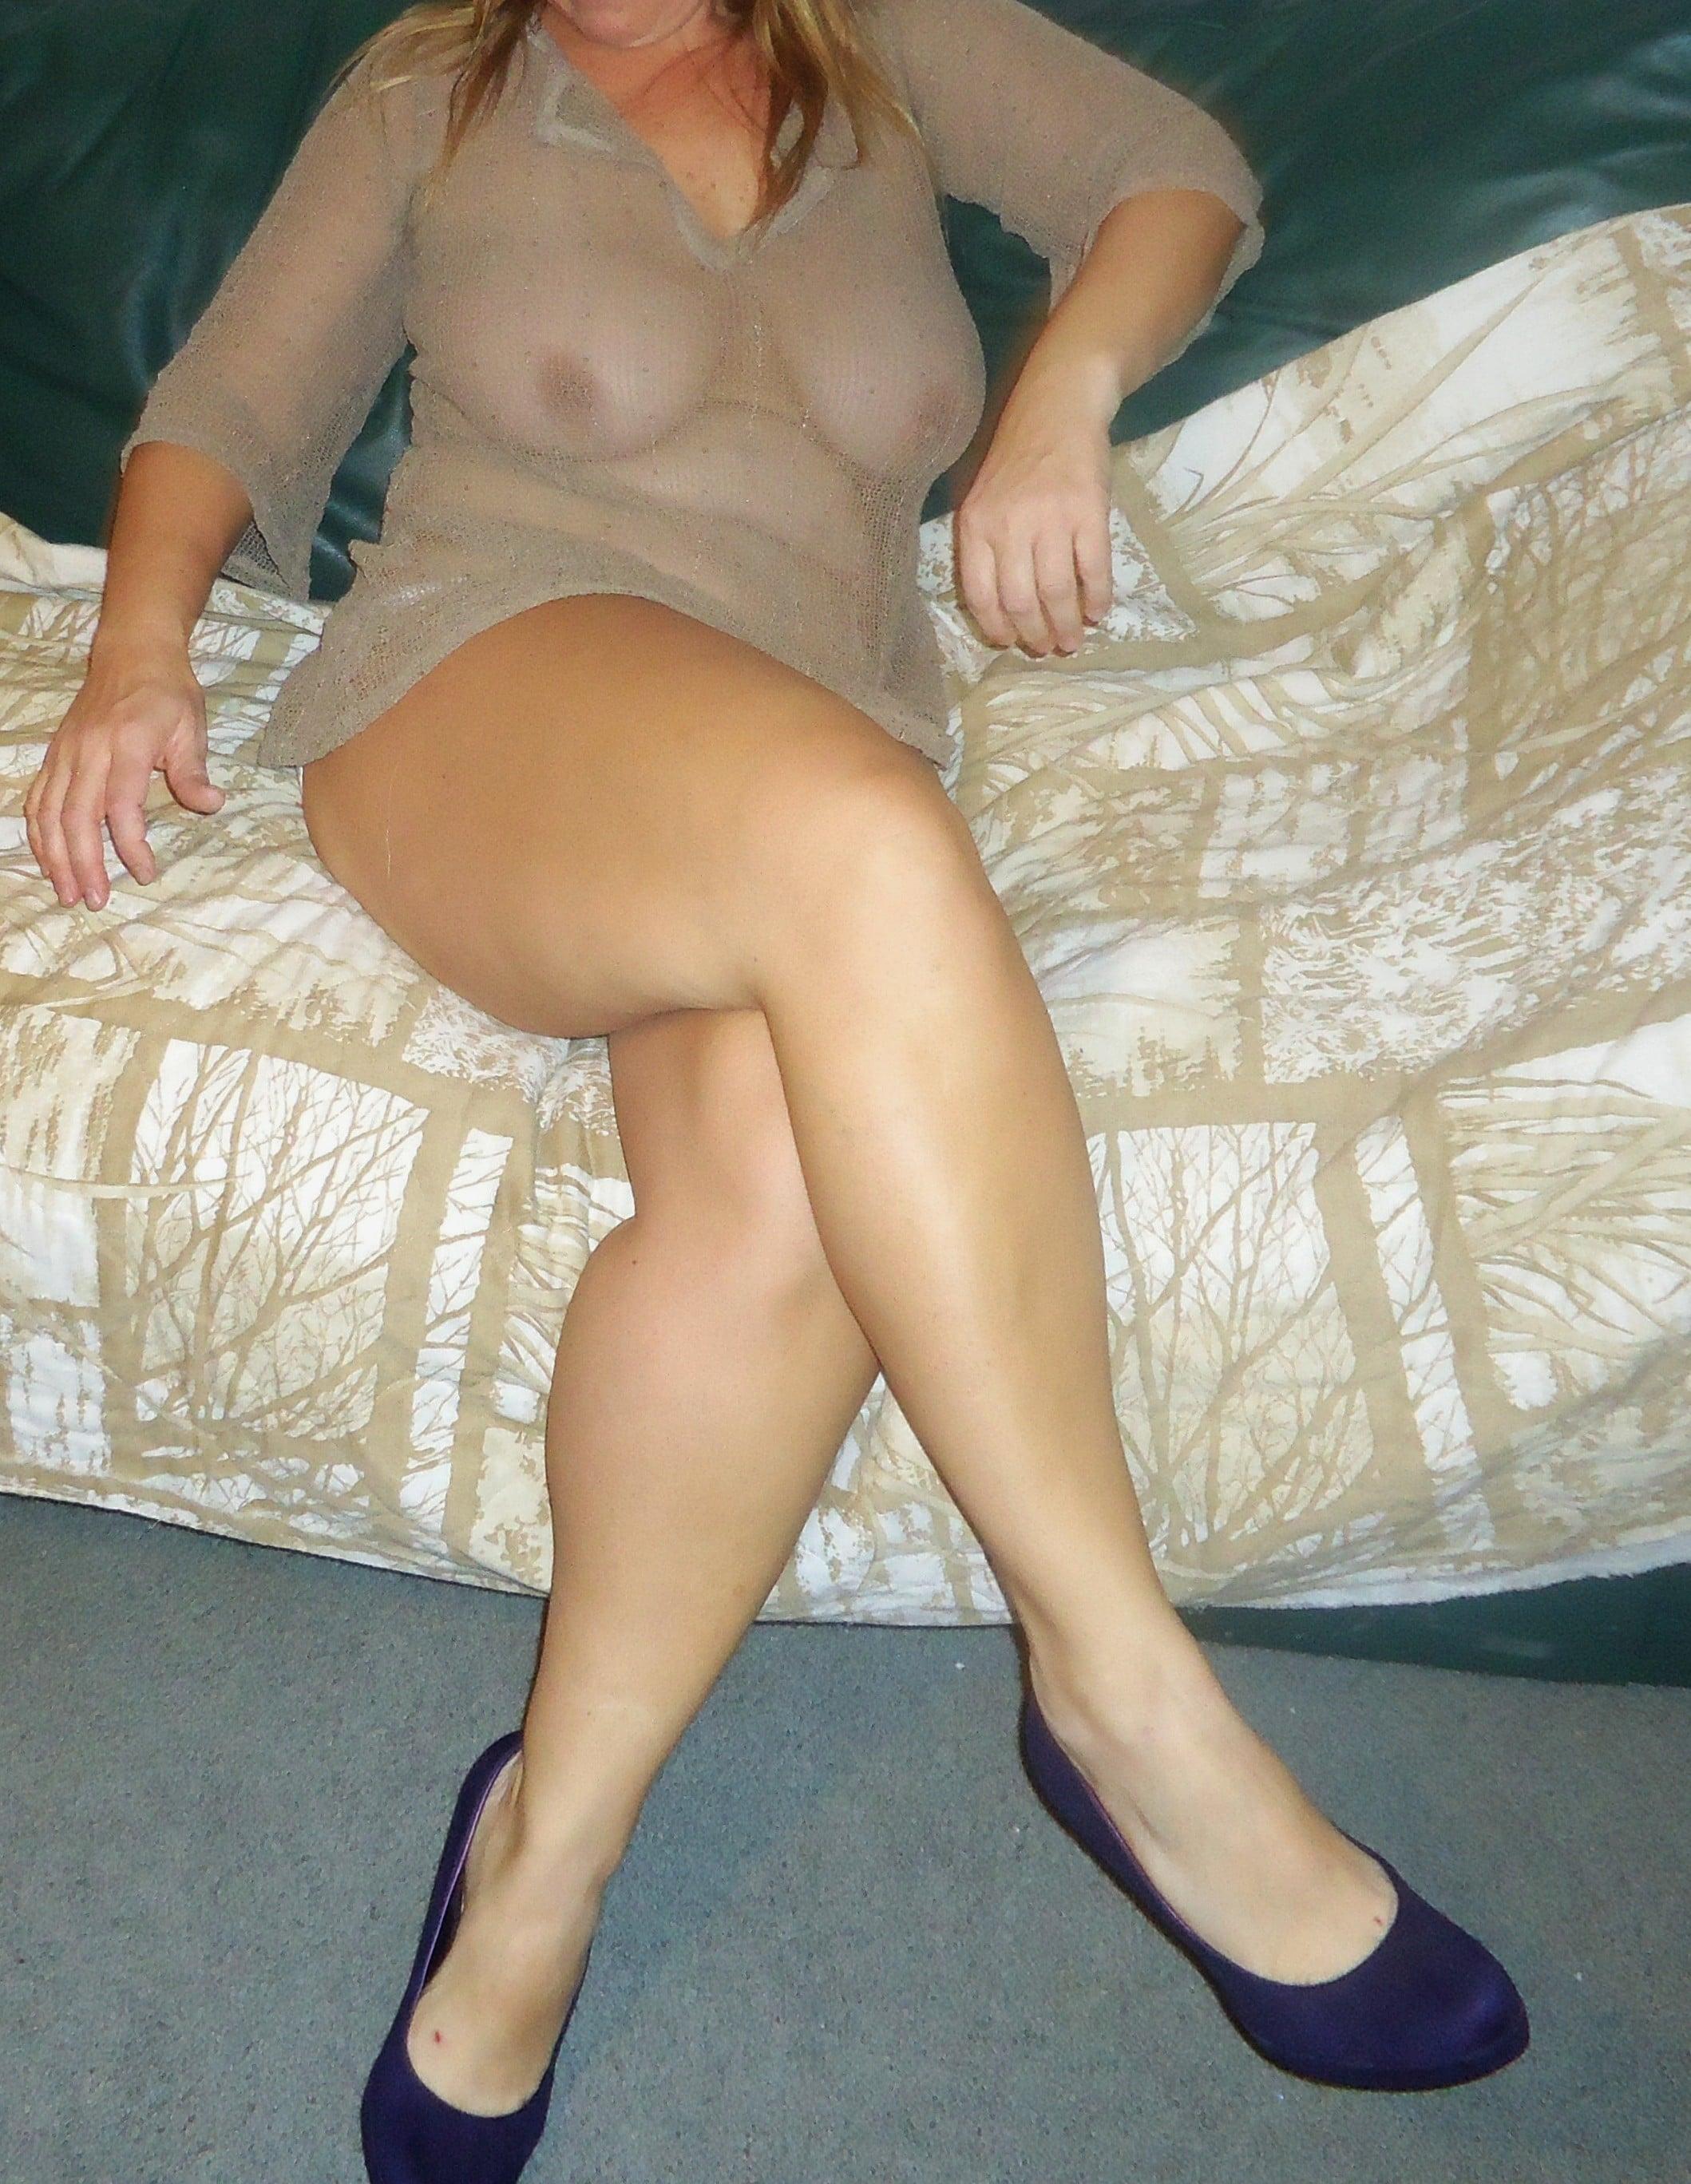 Titten in bluse